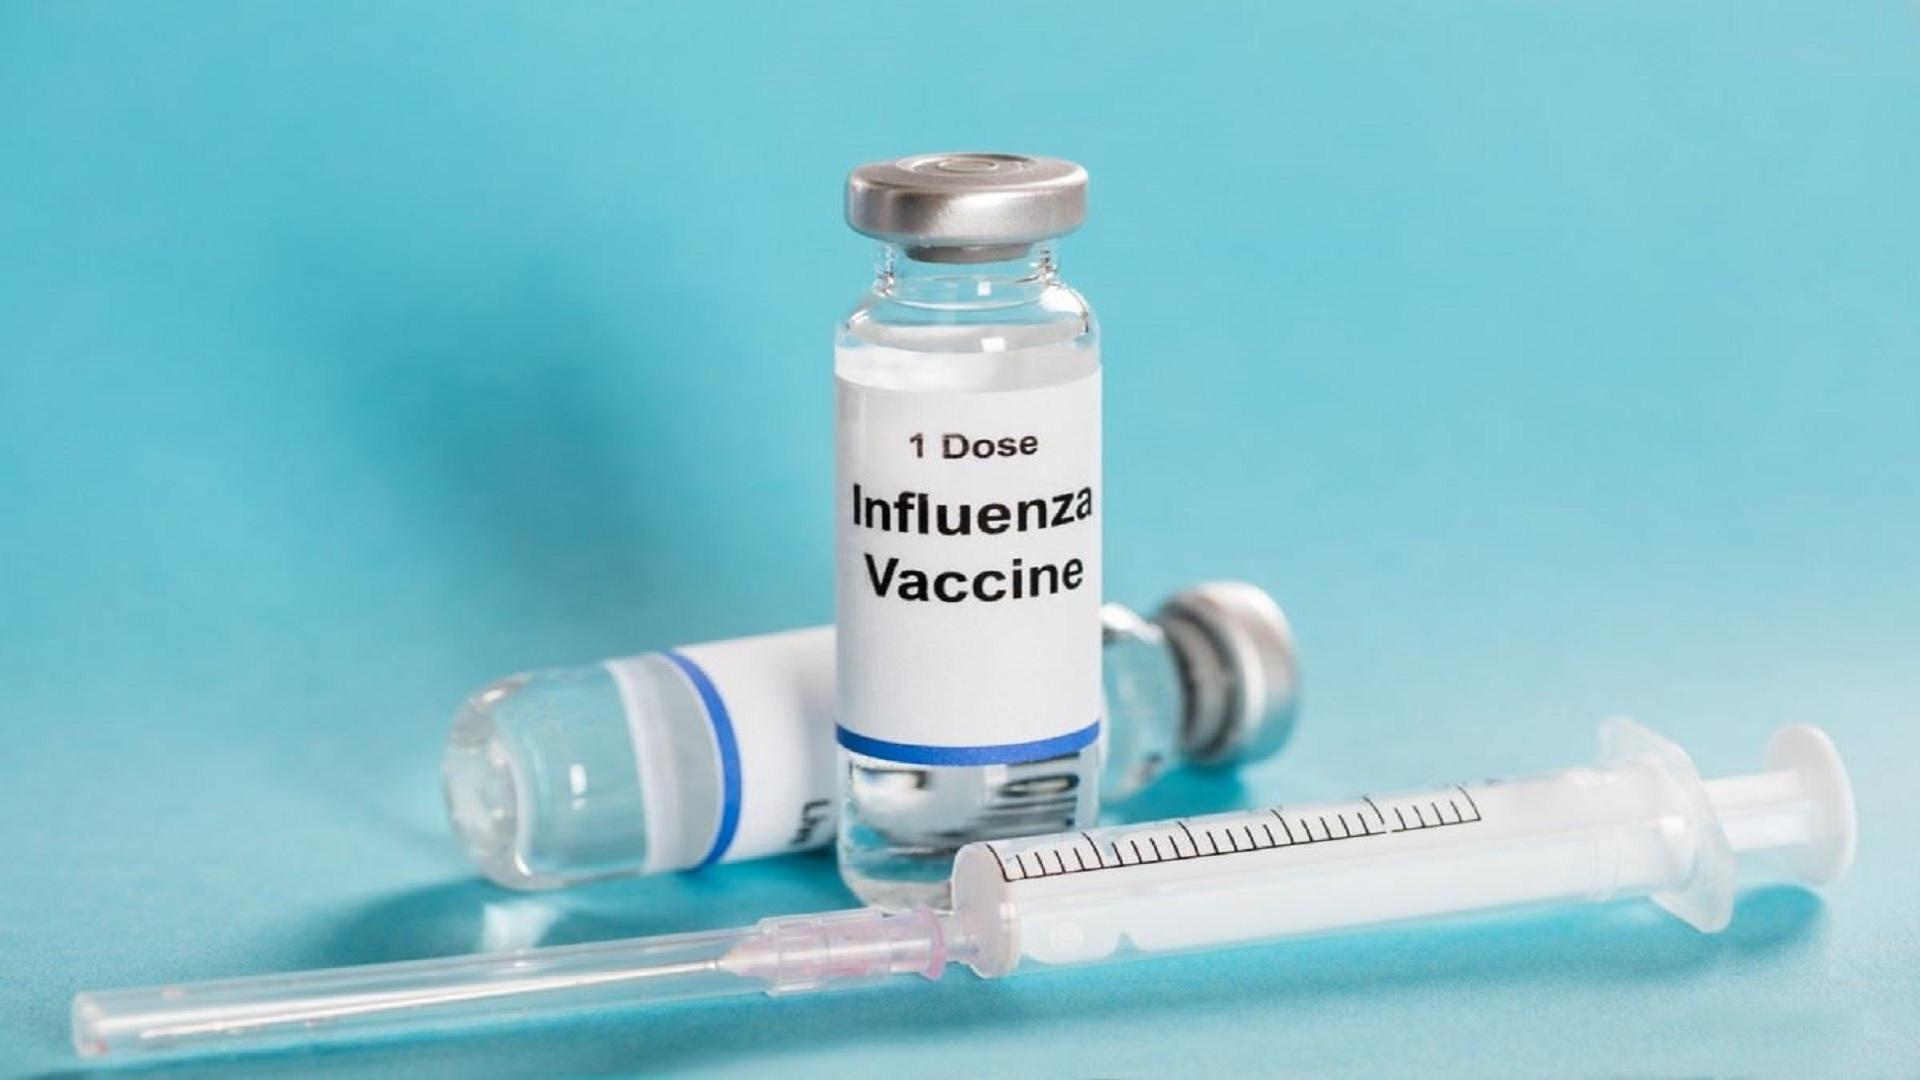 Αντιγριπικό εμβόλιο χορήγηση Κοντοζαμάνης: Αποκλειστικά με ηλεκτρονική ιατρική συνταγή